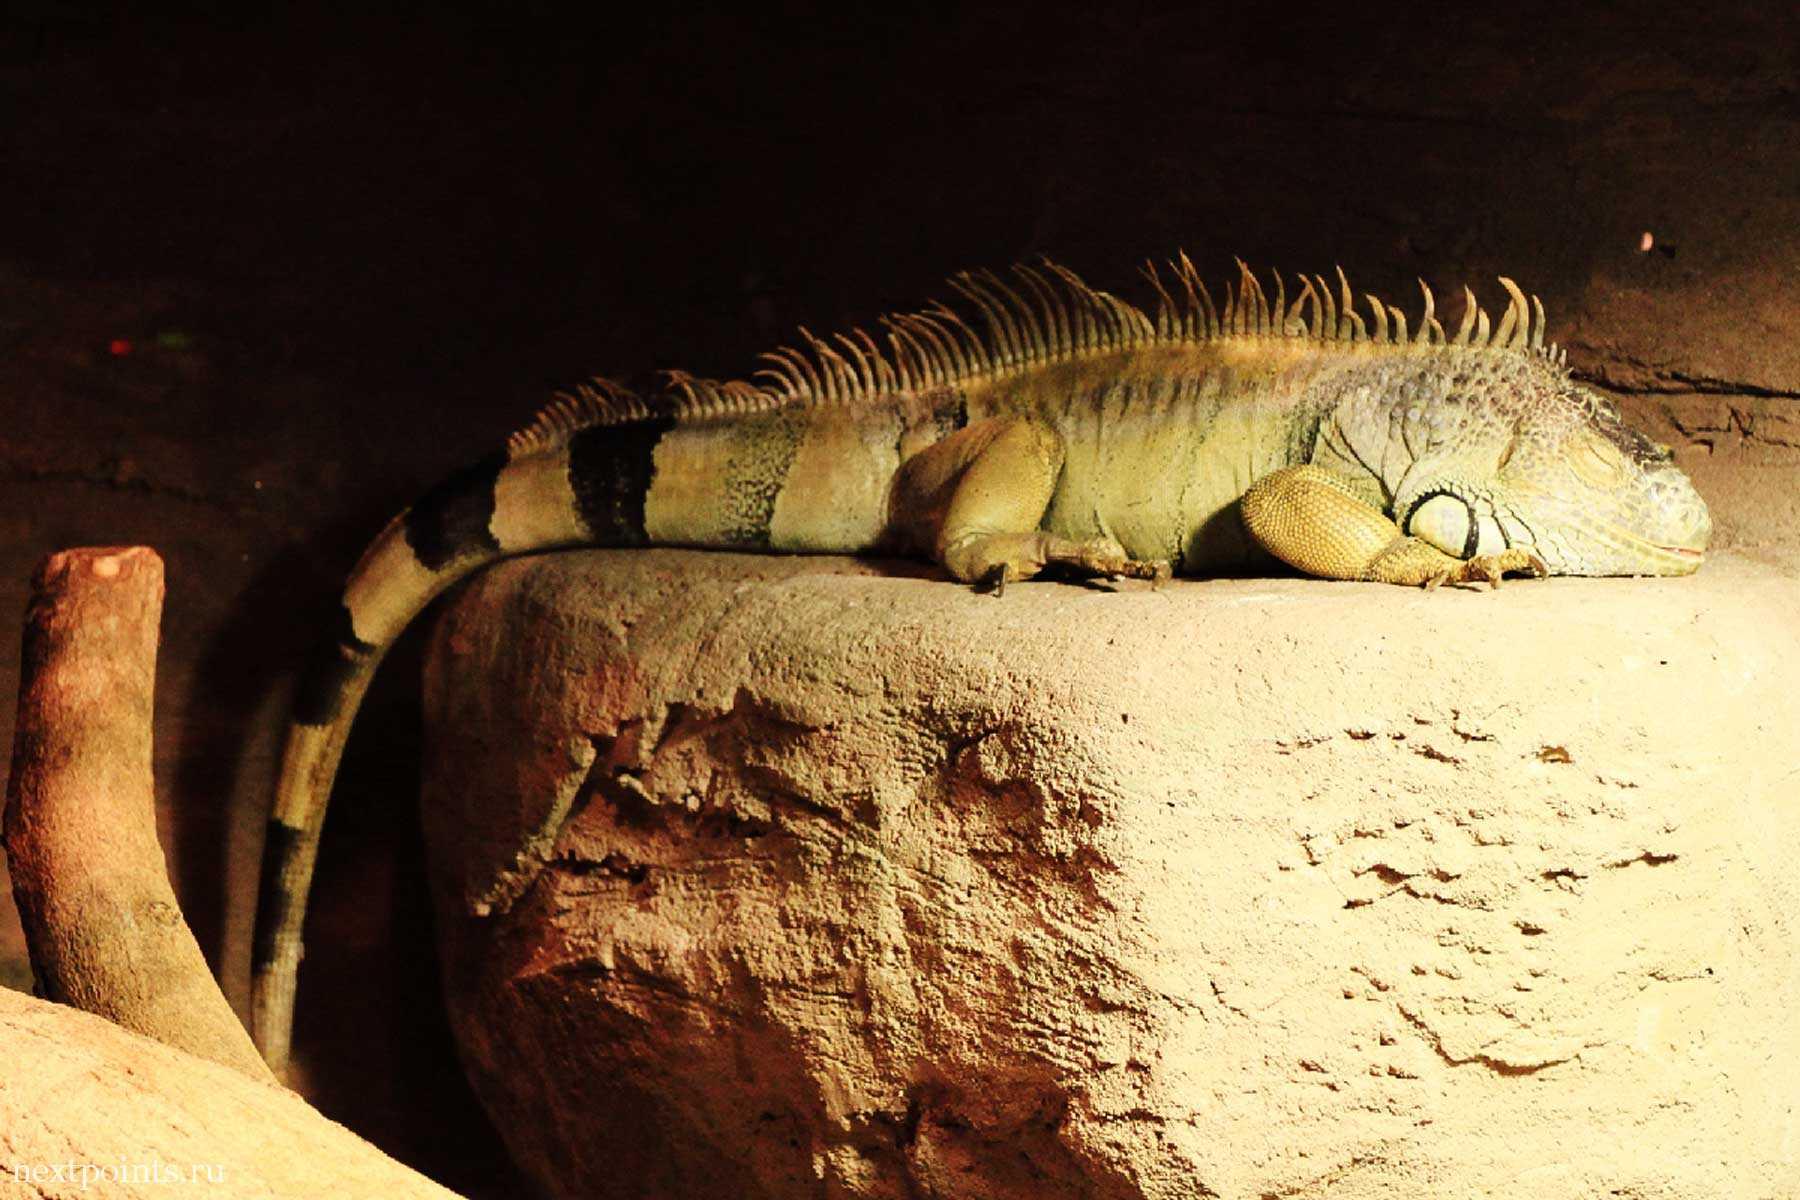 Полосатый земноводный дракон в океанариуме